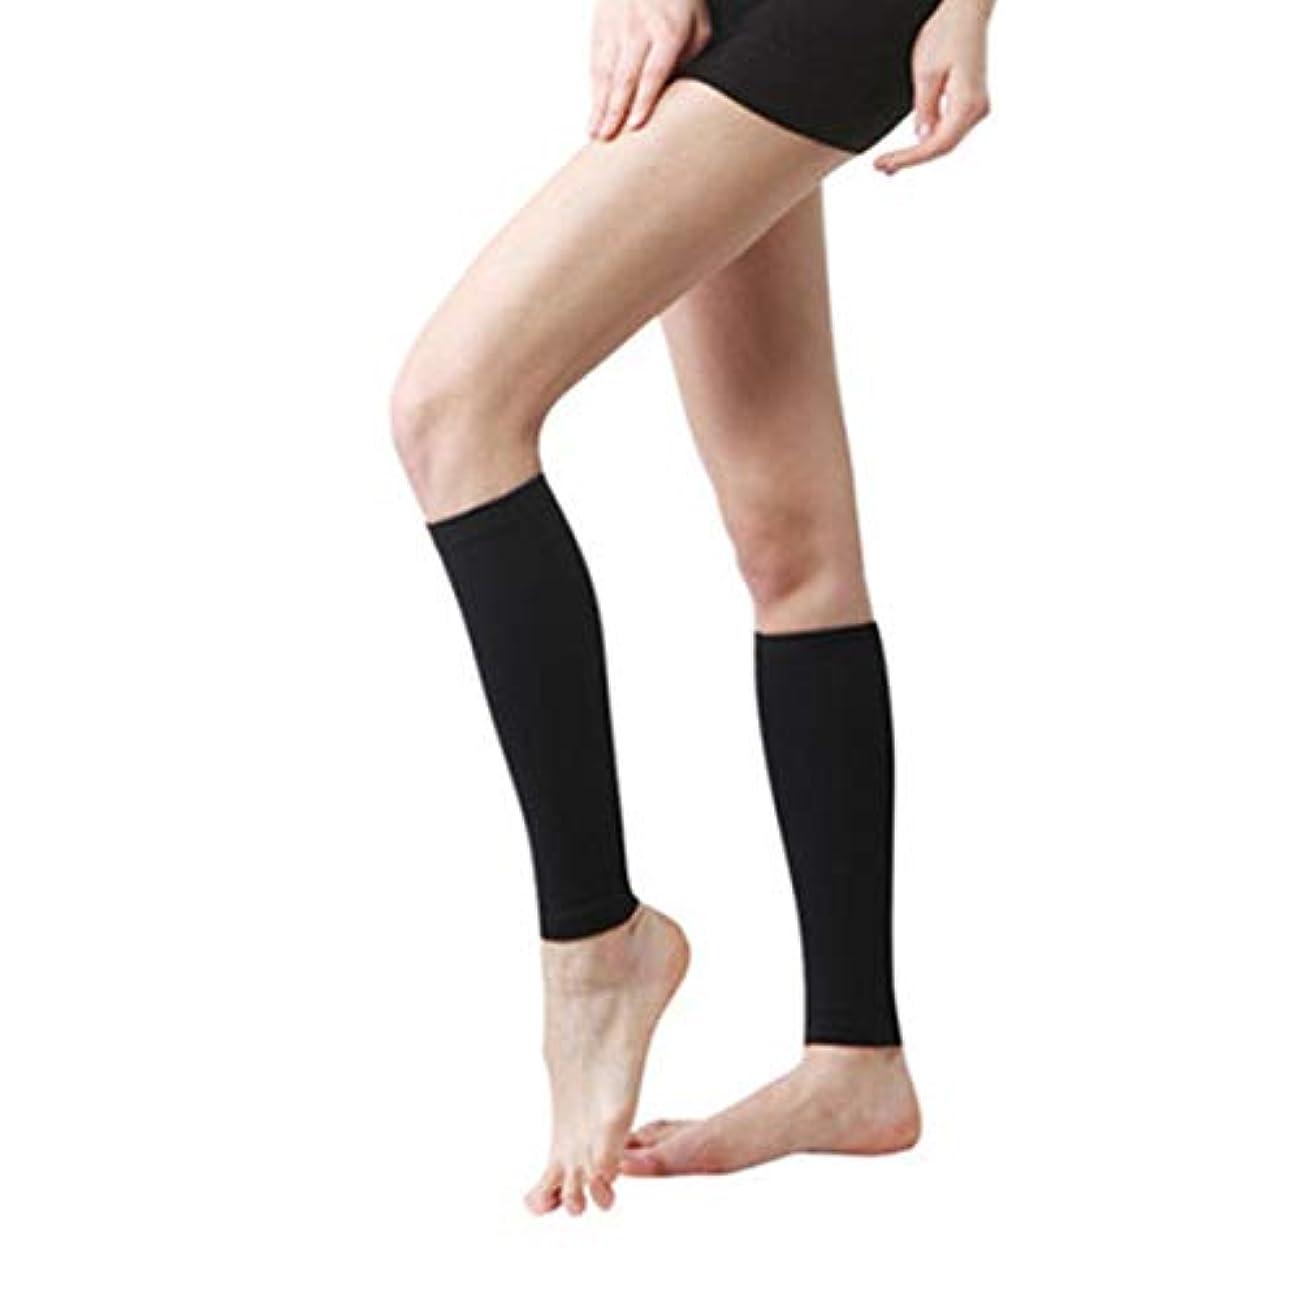 ベイビーなに聖域丈夫な男性女性プロの圧縮靴下通気性のある旅行活動看護師用シンススプリントフライトトラベル - ブラック